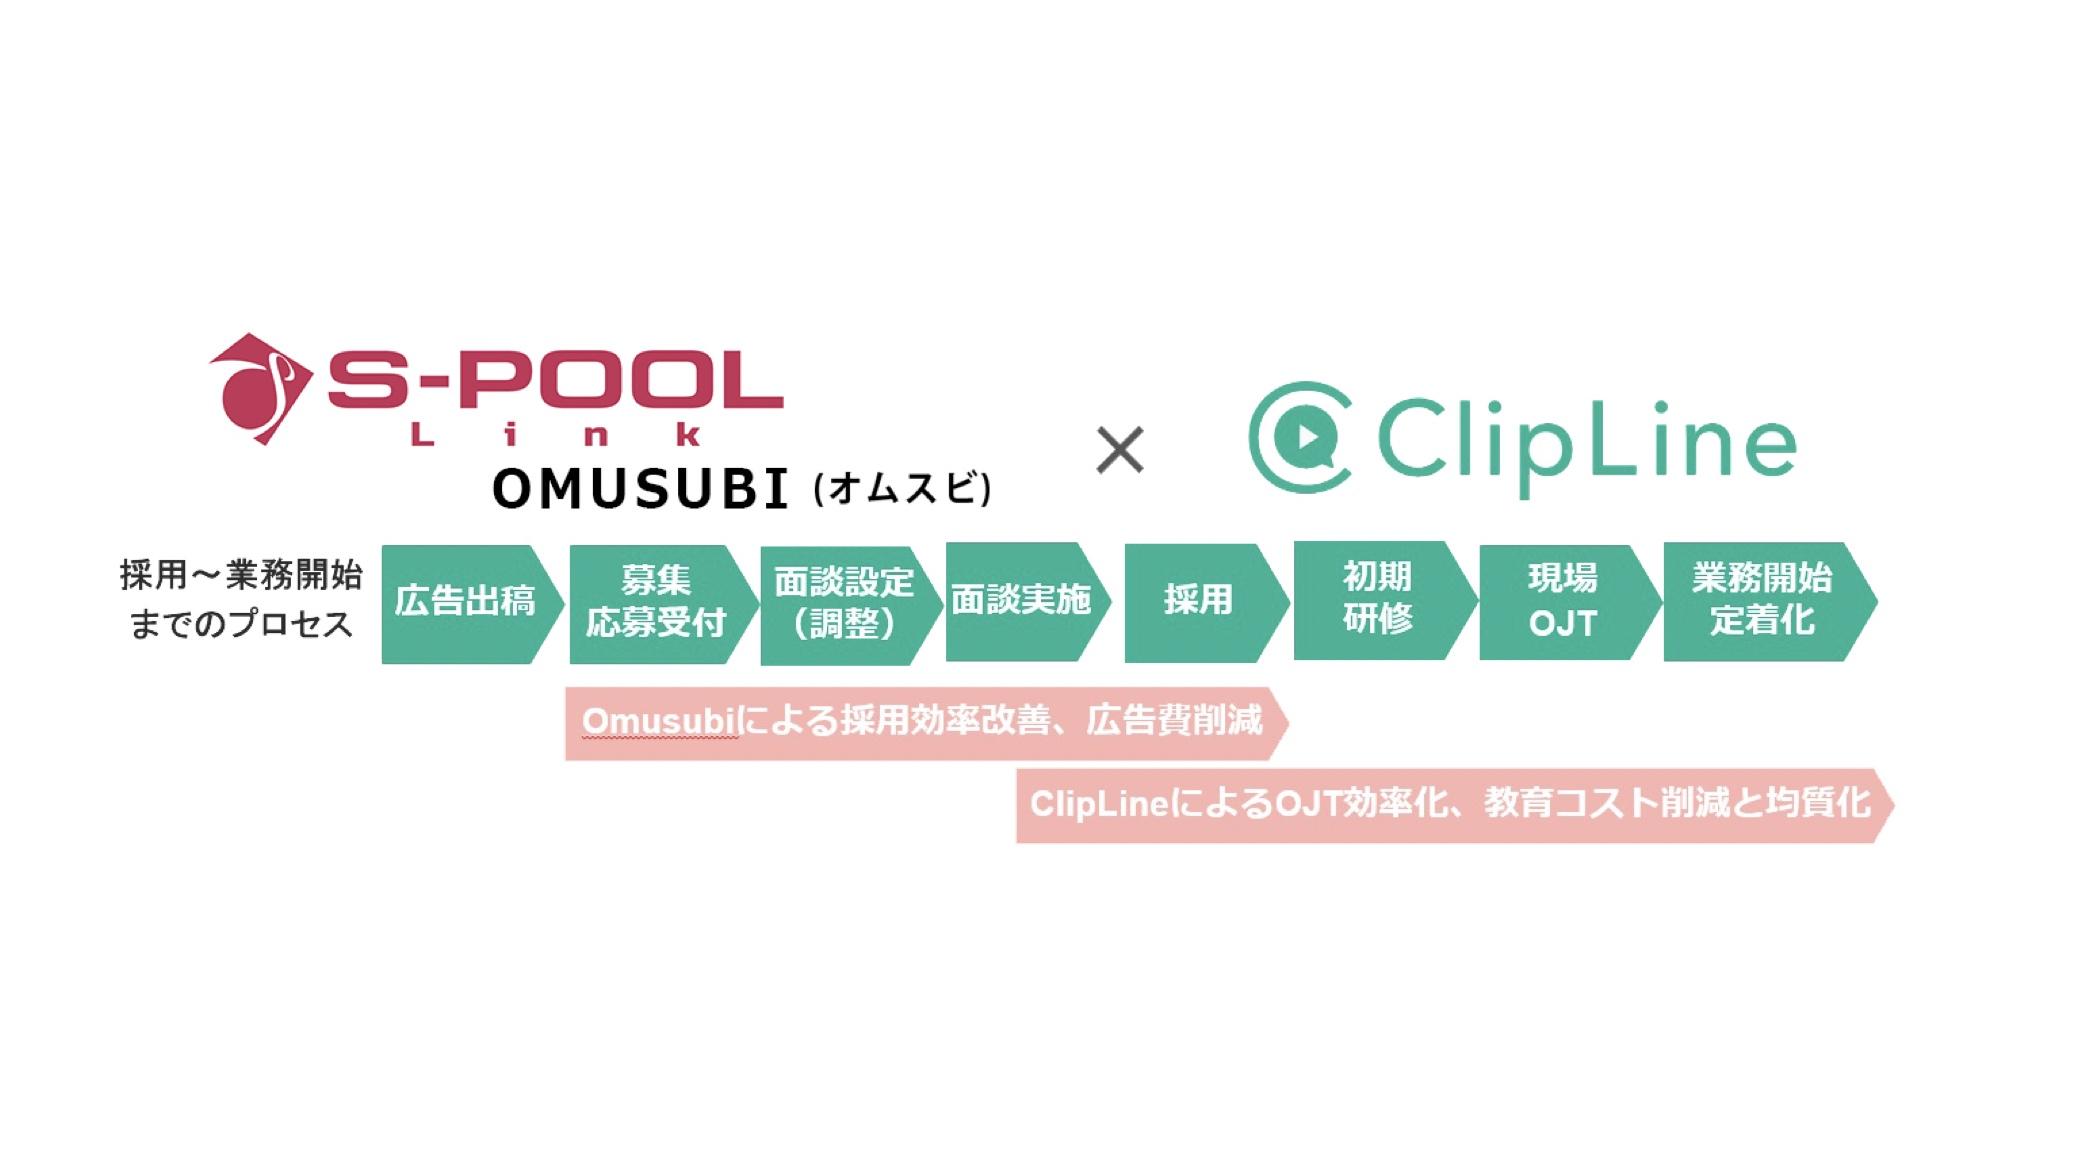 ClipLine×エスプールリンク | 採用支援サービスの領域において包括的な業務提携